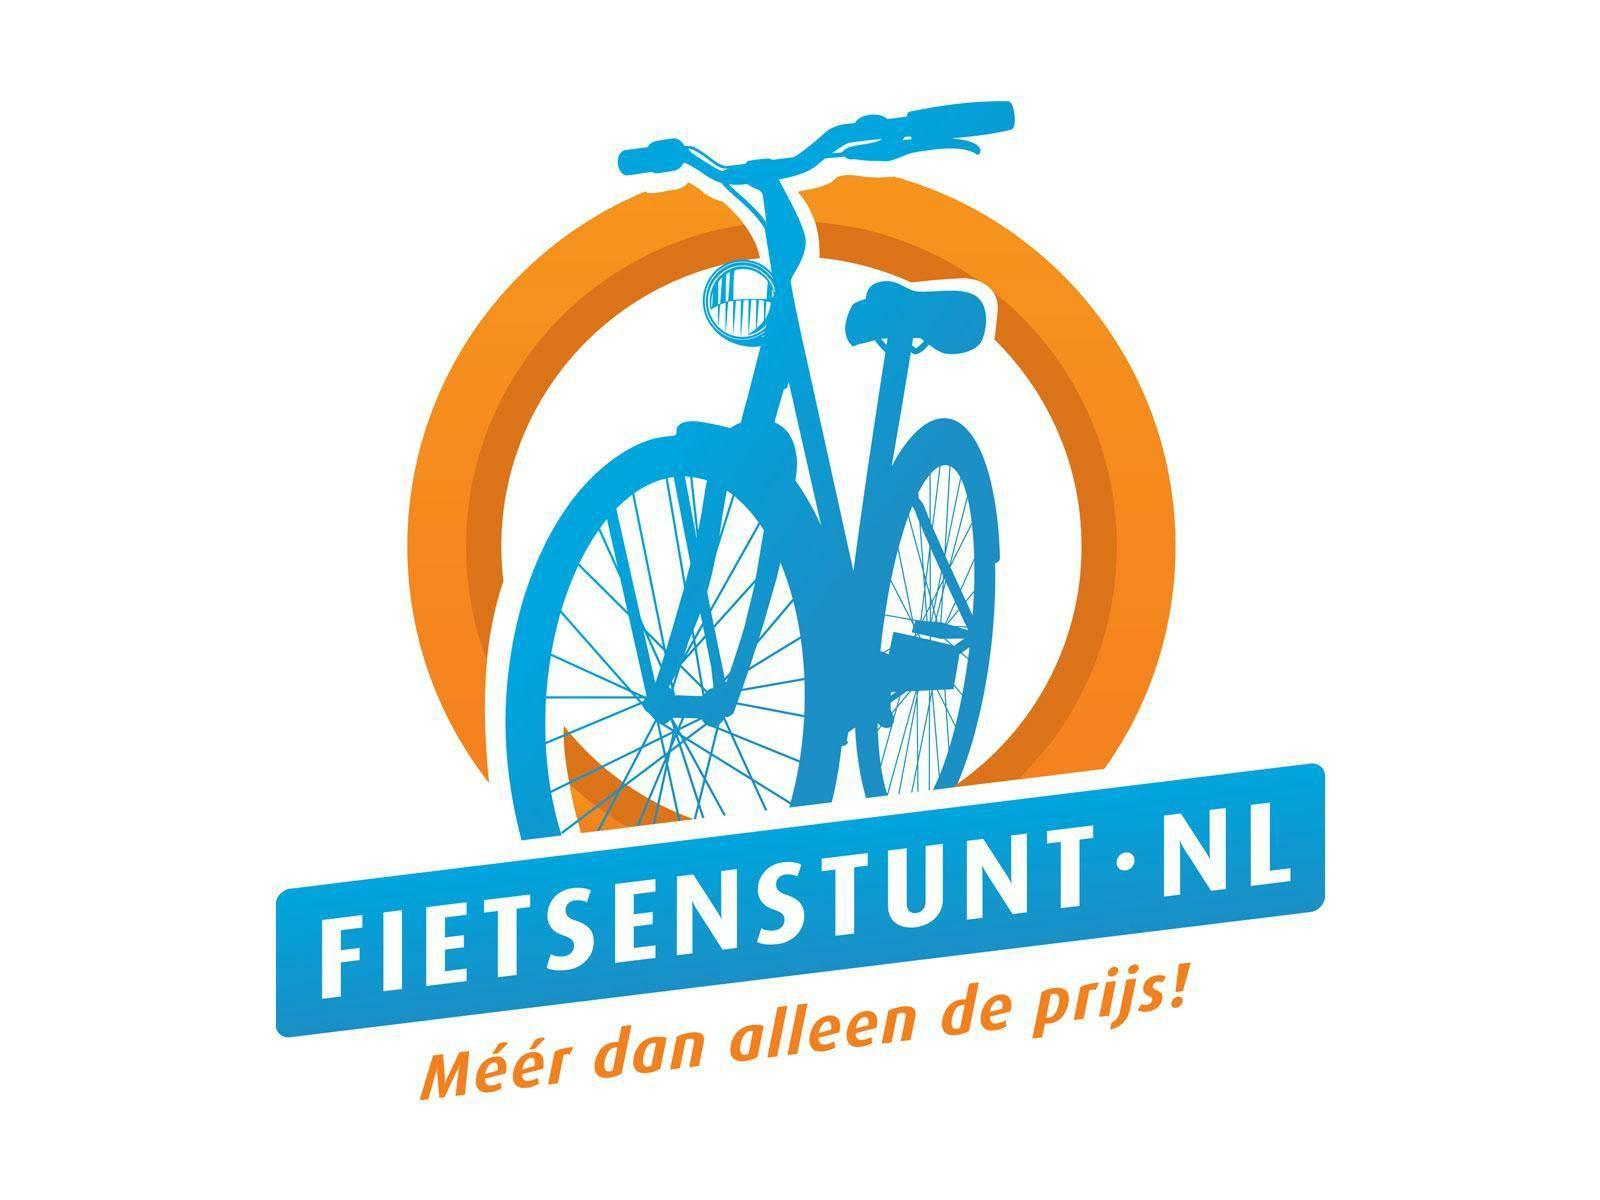 E-Bike: €200,00 korting vanaf €1499,-